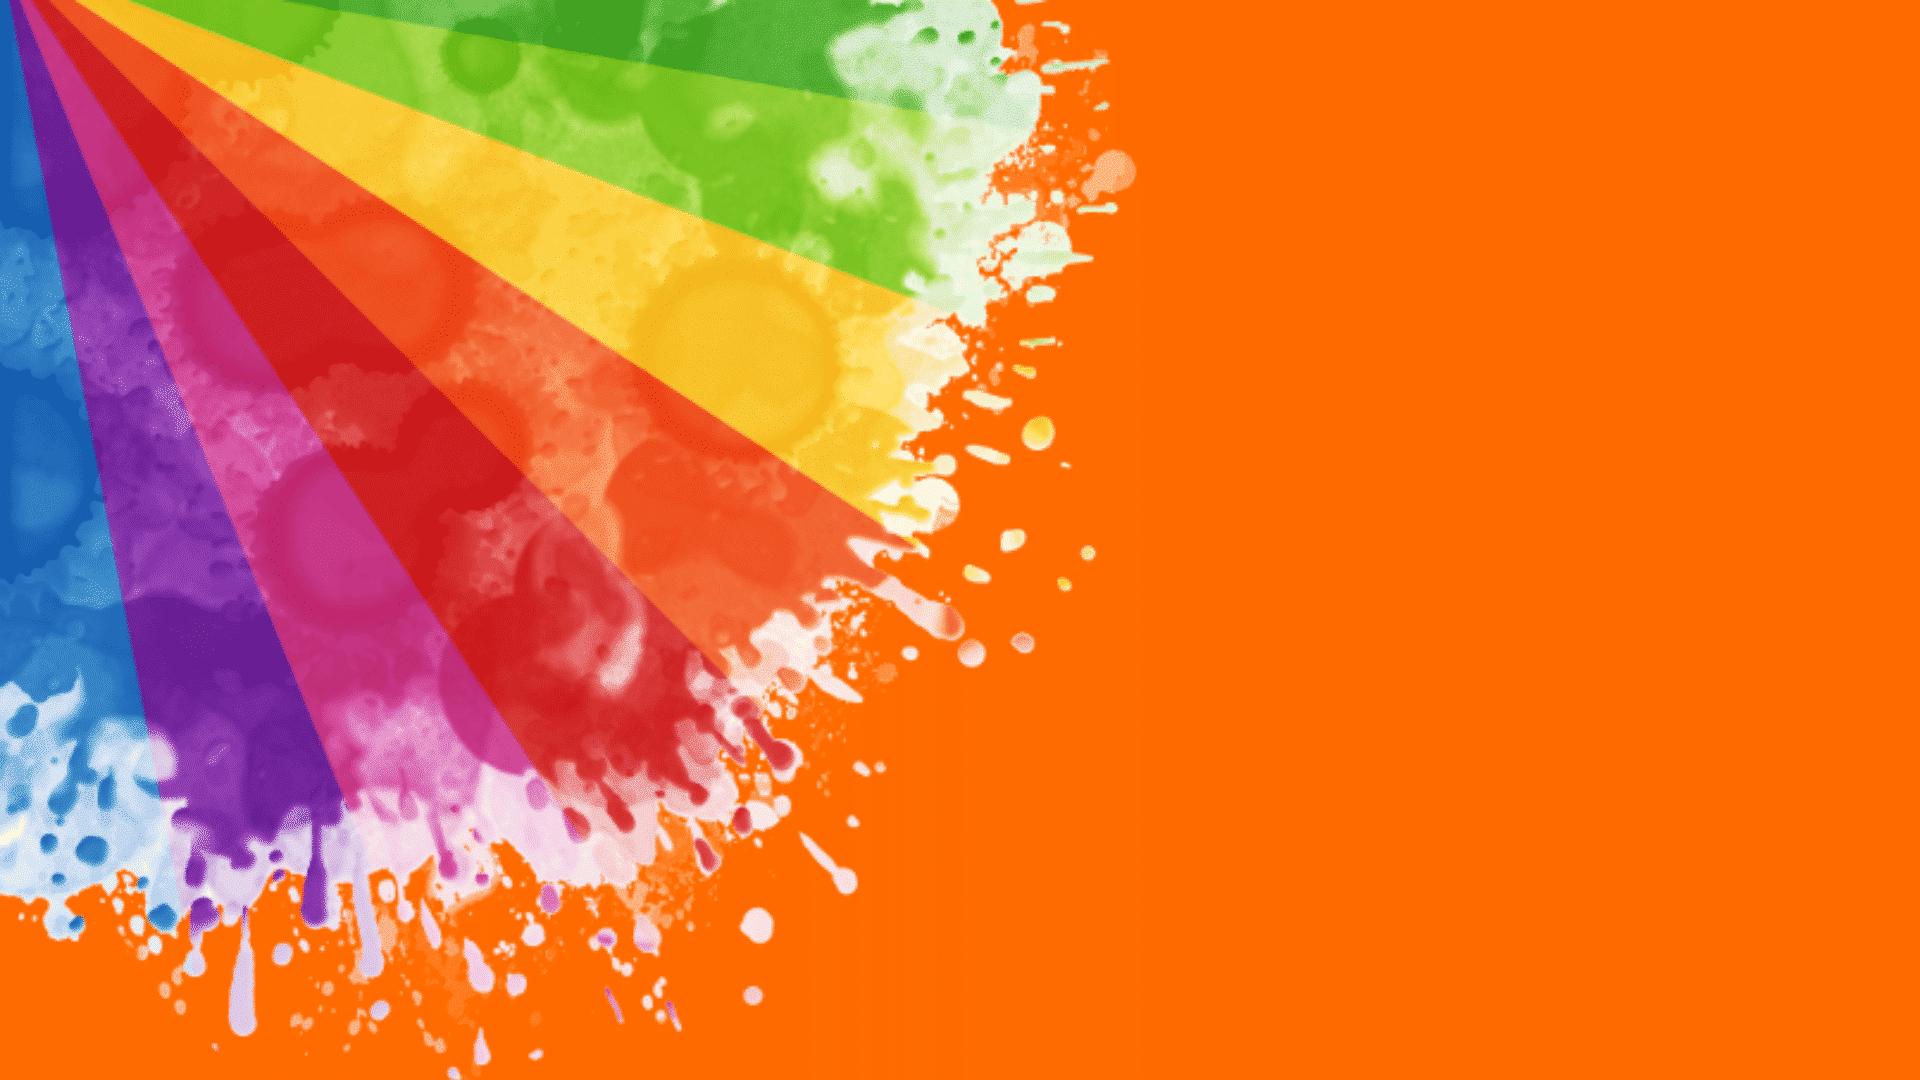 interaktive Printmedien, Interaktive Printwerbung, Interaktive Druckerzeugnisse, Kreative Printwerbung, Kreative Druckerzeugnisse, Kreative Flyer, 3D Flyer, Flyer mit Effekten, Interaktive Flyer, Effektkarten, Kreative Effektkarten, Kreative Karten, Popup Karten, Funktionskarten, Springwürfel, Hüpfwürfel, Spring Objekt aus Papier, Springquader aus papier, Direktmarketingtools aus papier, Marketingtools aus papier, Effektvolle Papierwerbung, Printwerbung mit Effekten, Vierseitige Lamellenkarte, Karten mit Lamellen, Lamellenkarte, Bildwechselkarte, Kreative Karten für direktmarketing, Kreative Karten aus papier, Kreatives direktmarketing, Endlosfaltkarte, InfinityCard, Infinity Karte, Schiebekarten mit stopperfunktion, Ausschubkarten, Ziehkarten, Karten mit Schuberfunktion, Karten mit ziehfunktion, Karten mit Schiebeeffekt, Schiebekarten, Zieheffekt in Karte, Teleskopkarte, Kreative Teleskopkarte, Doppelschieber, Kreativer Doppelschieber, Interaktiver Doppelschieber